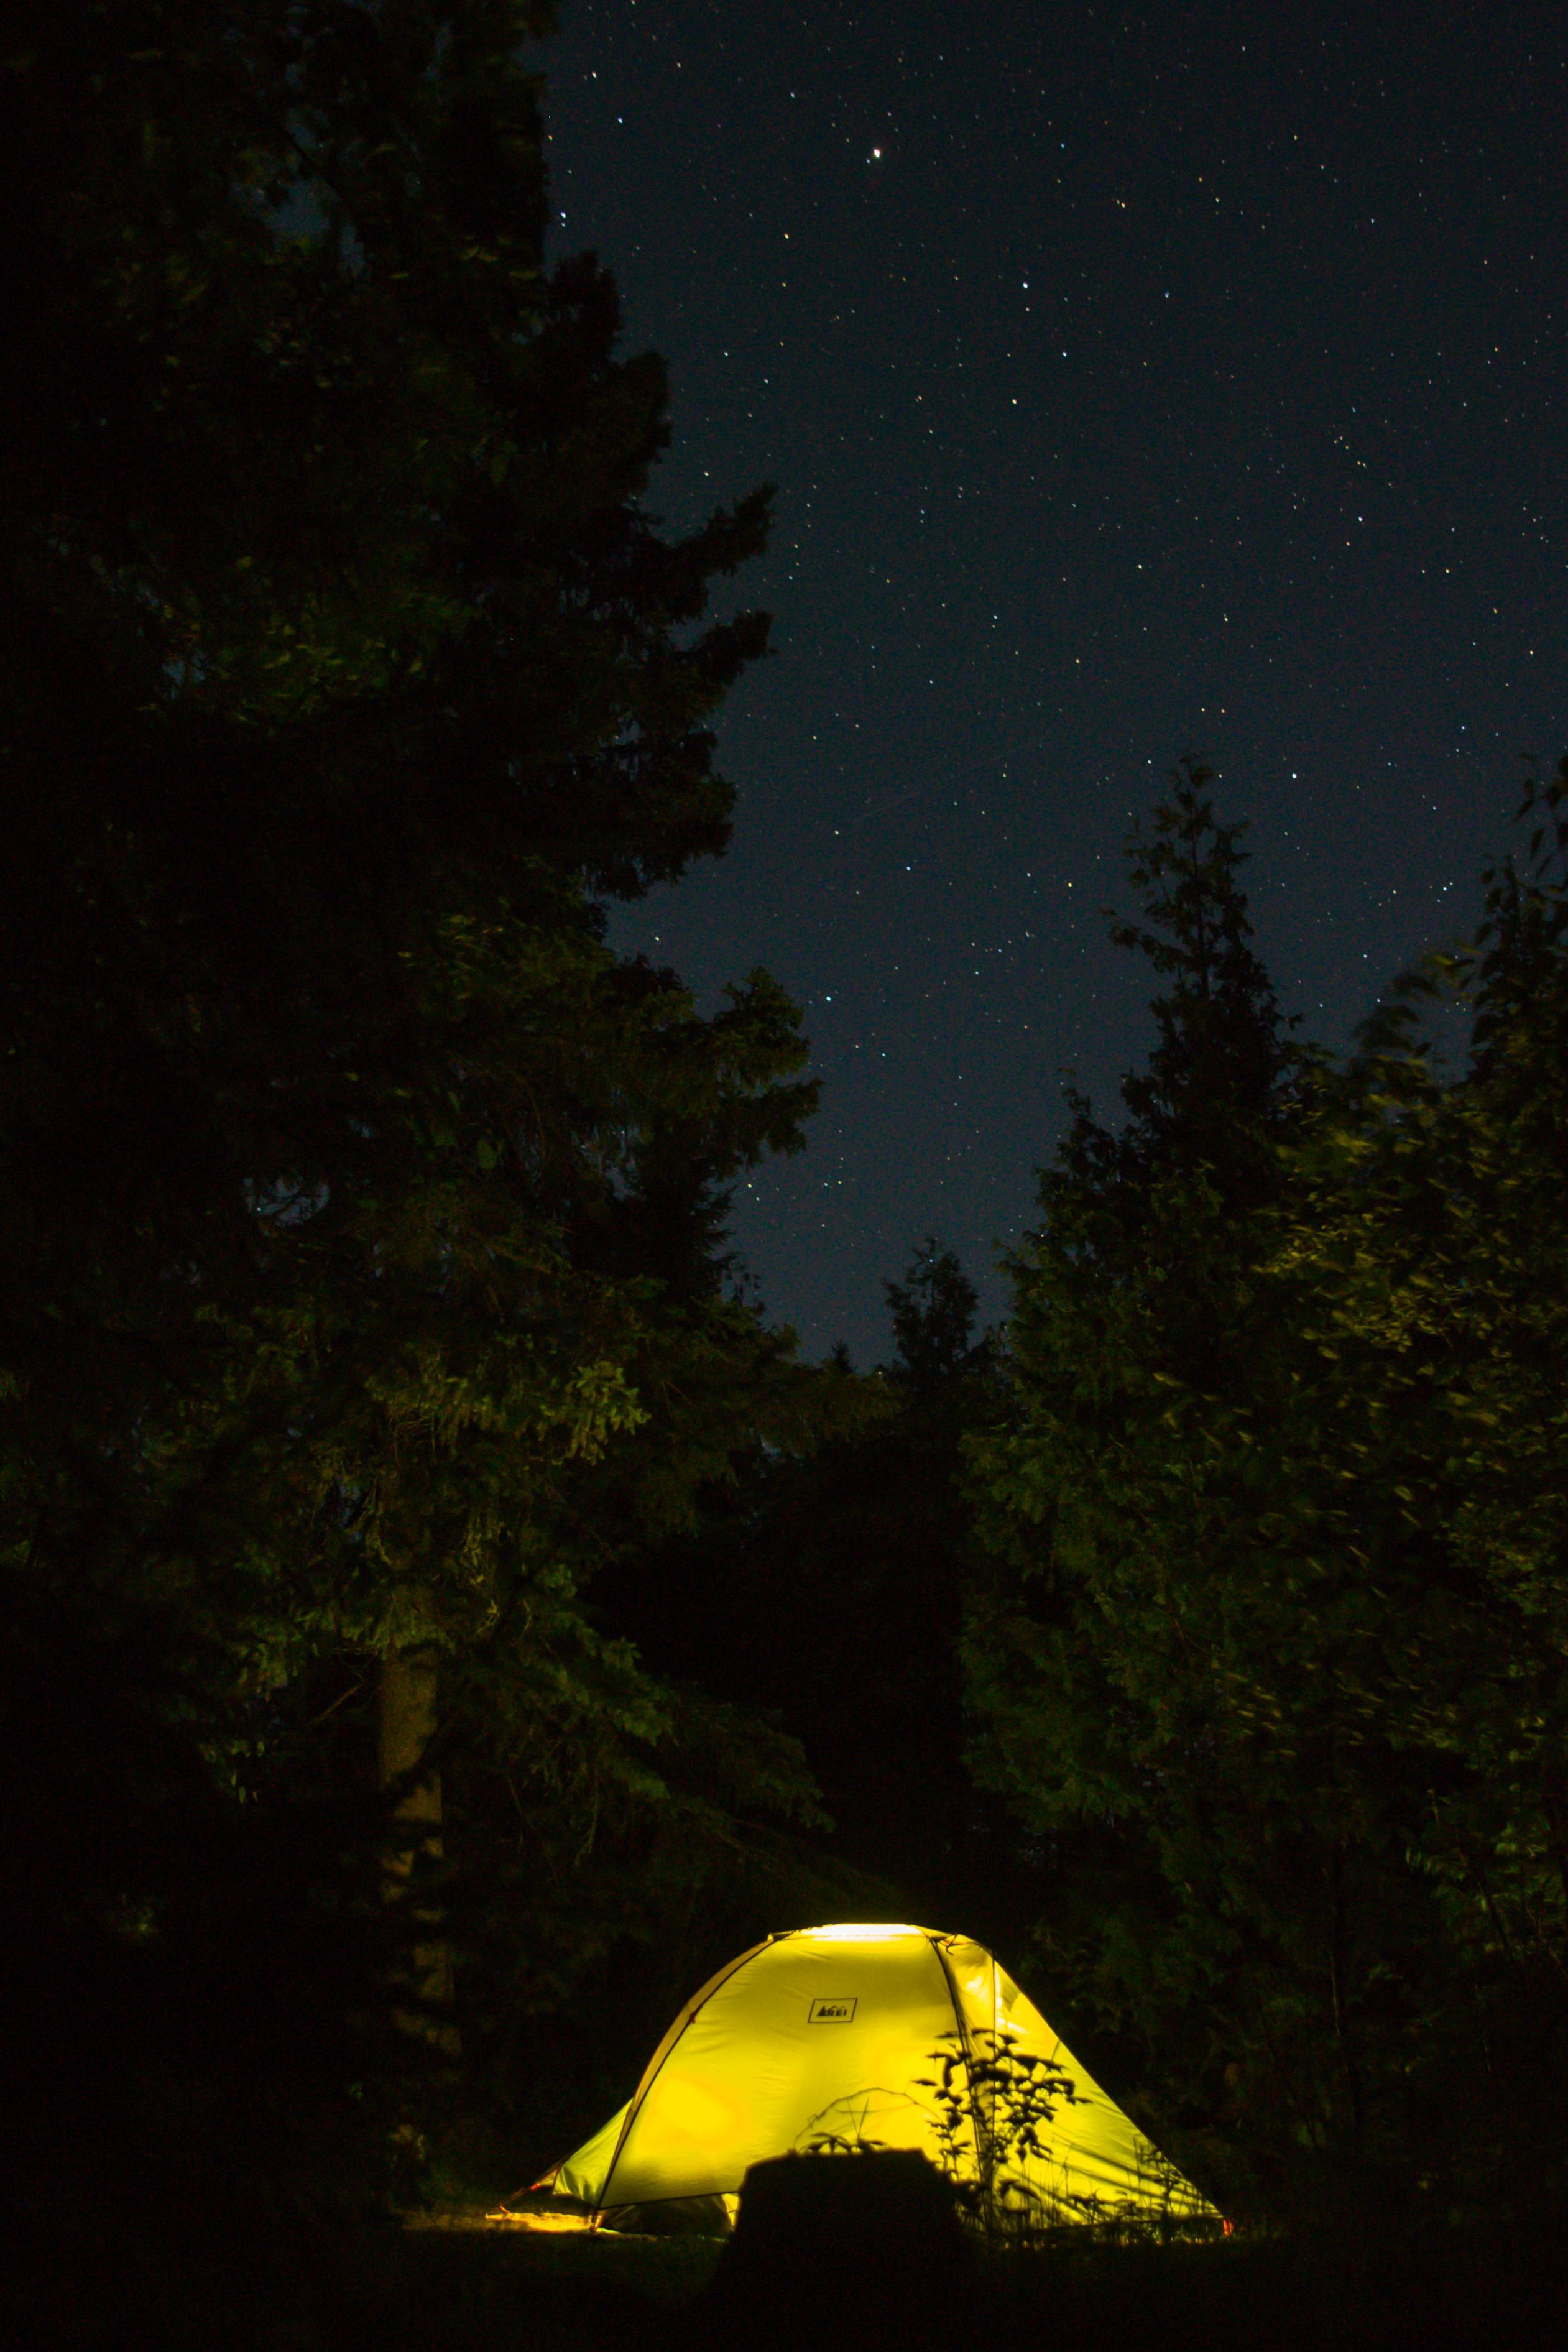 Ogish tent at night